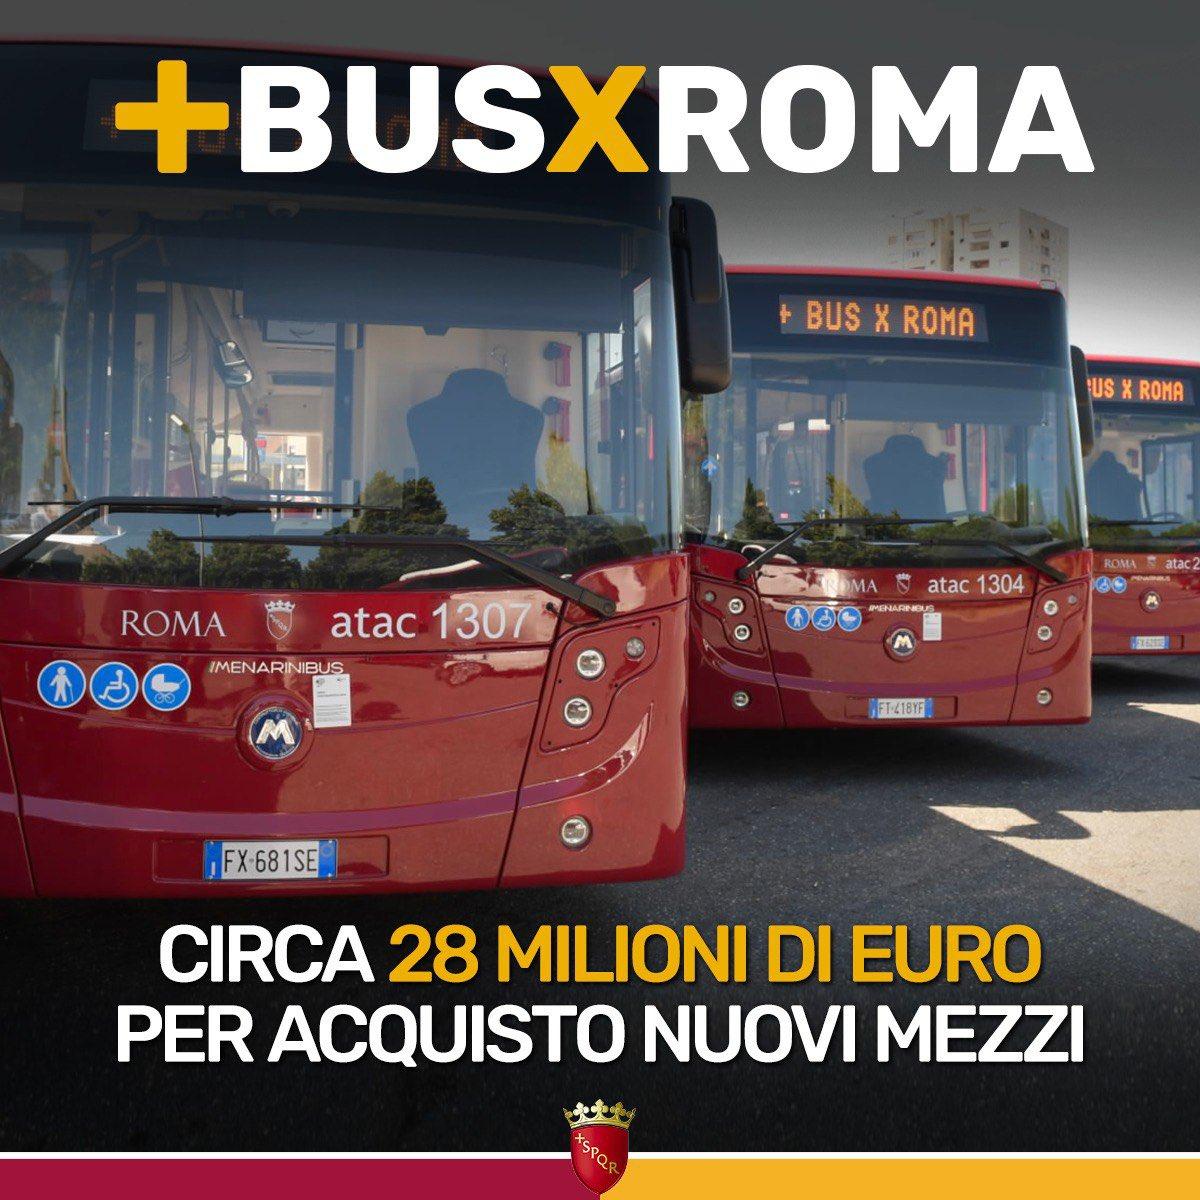 Risaniamo i conti e aumentiamo gli investimenti per la nostra città: siamo pronti ad acquistare oltre 80 nuovi autobus per Roma. Nell'ultima variazione di Bilancio abbiamo aggiunto circa 28 milioni di euro per il rinnovo della flotta: bit.ly/2BAQoZp